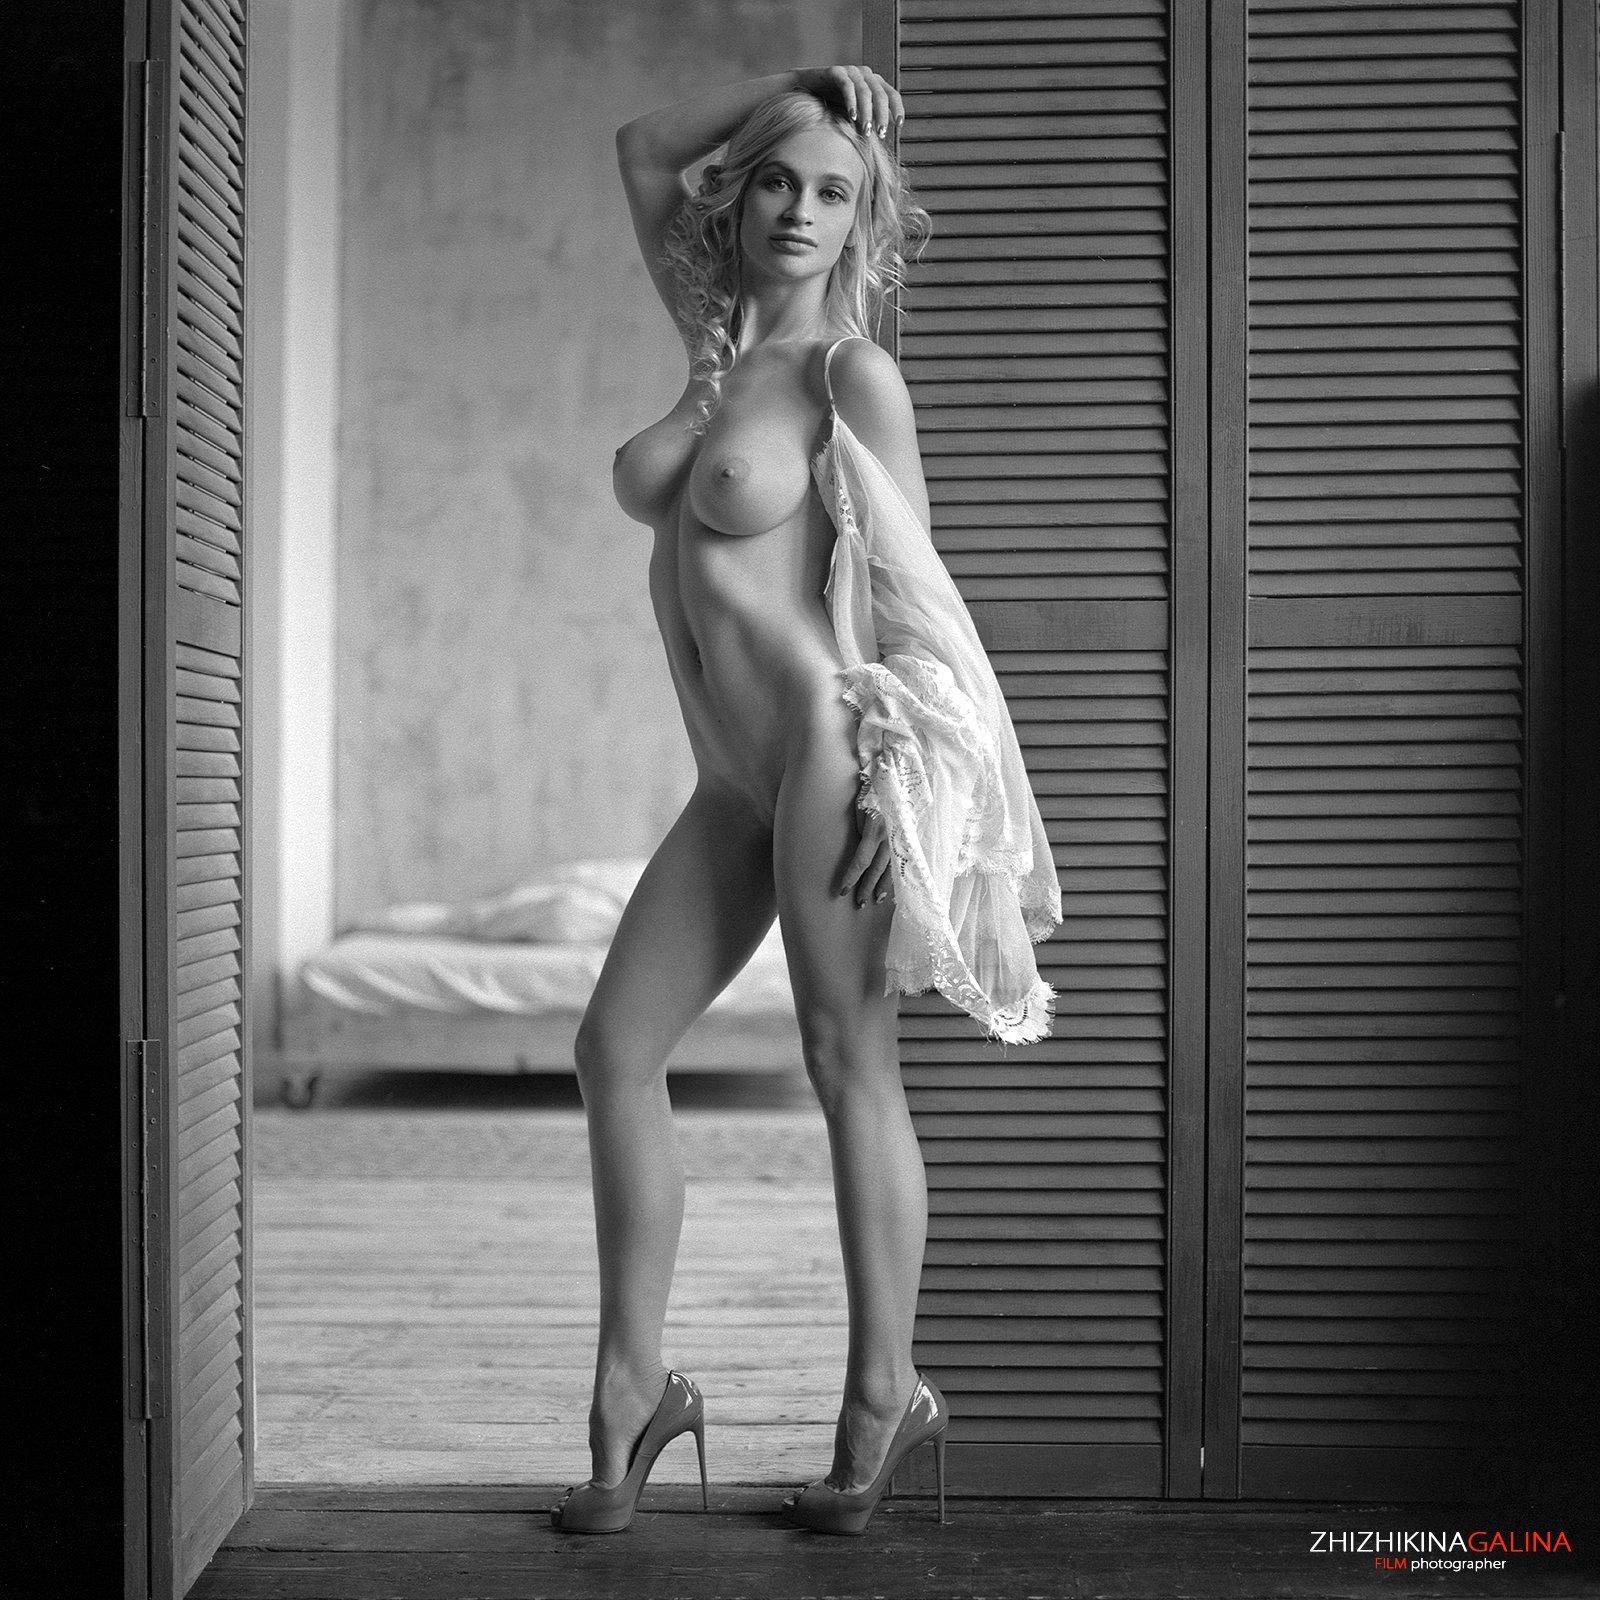 девушка, взгляд, модель, портрет, жанр, глаза, белье, лабутены, ню, топлесс, фотография, фотосессия, прикосновение, ч/б, 6х6, m-format, middle, film, b&w, soul, photo, photography, portrait, nature, black, art, nude, artnu, nu, Галина Жижикина